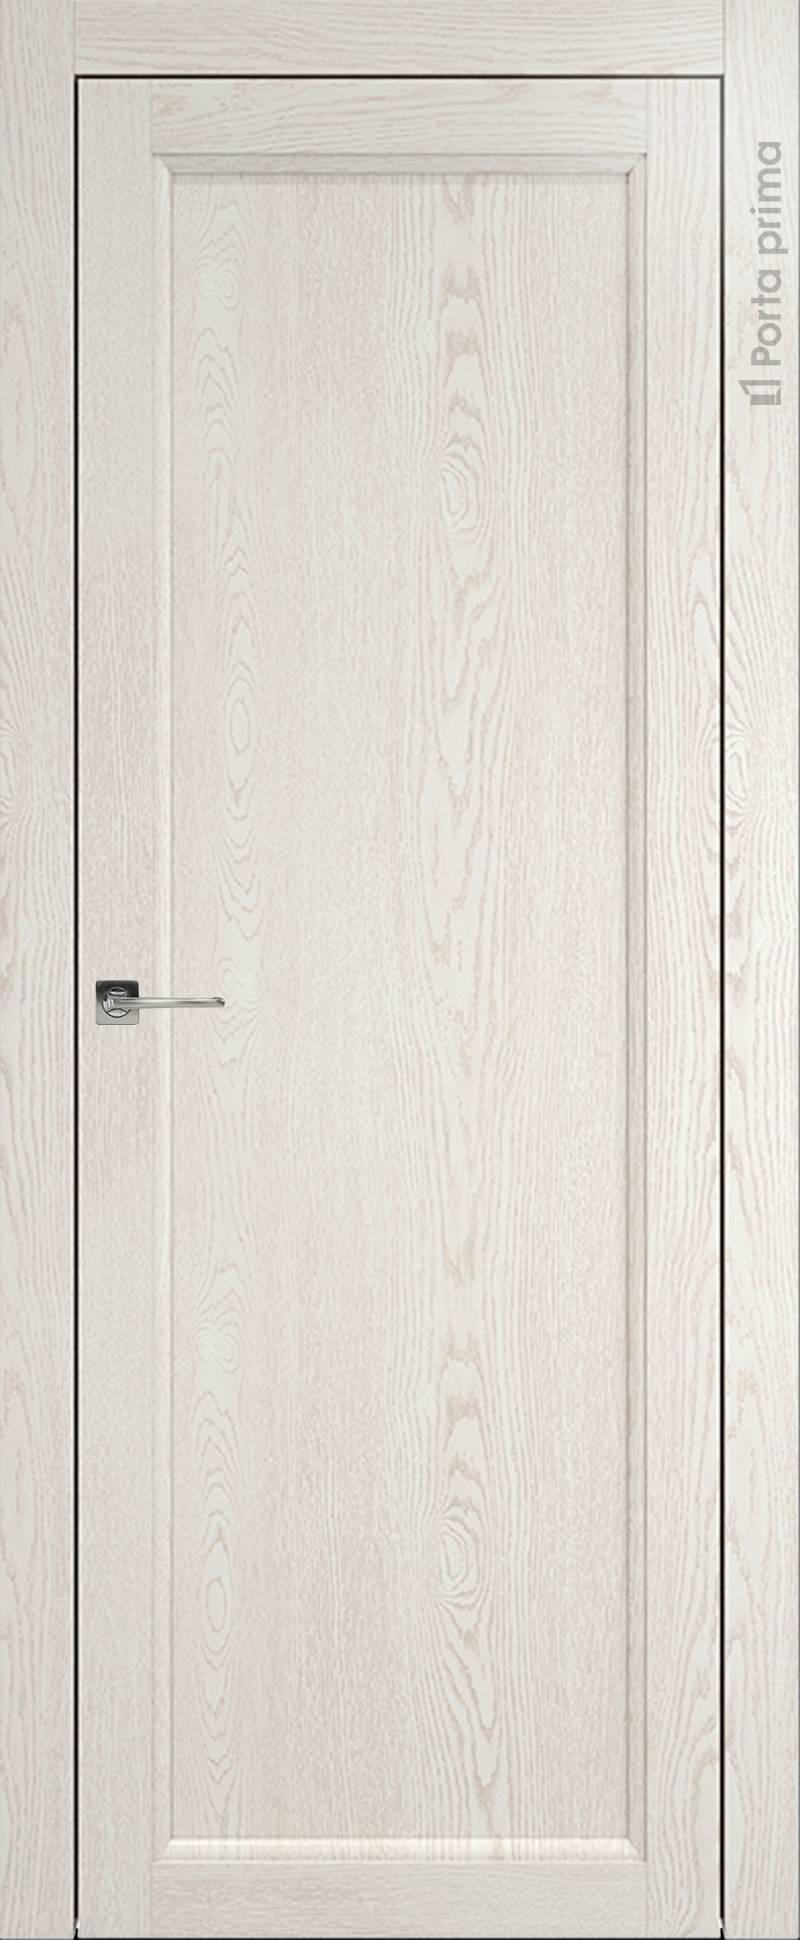 Sorrento-R А4 цвет - Белый ясень (nano-flex) Без стекла (ДГ)